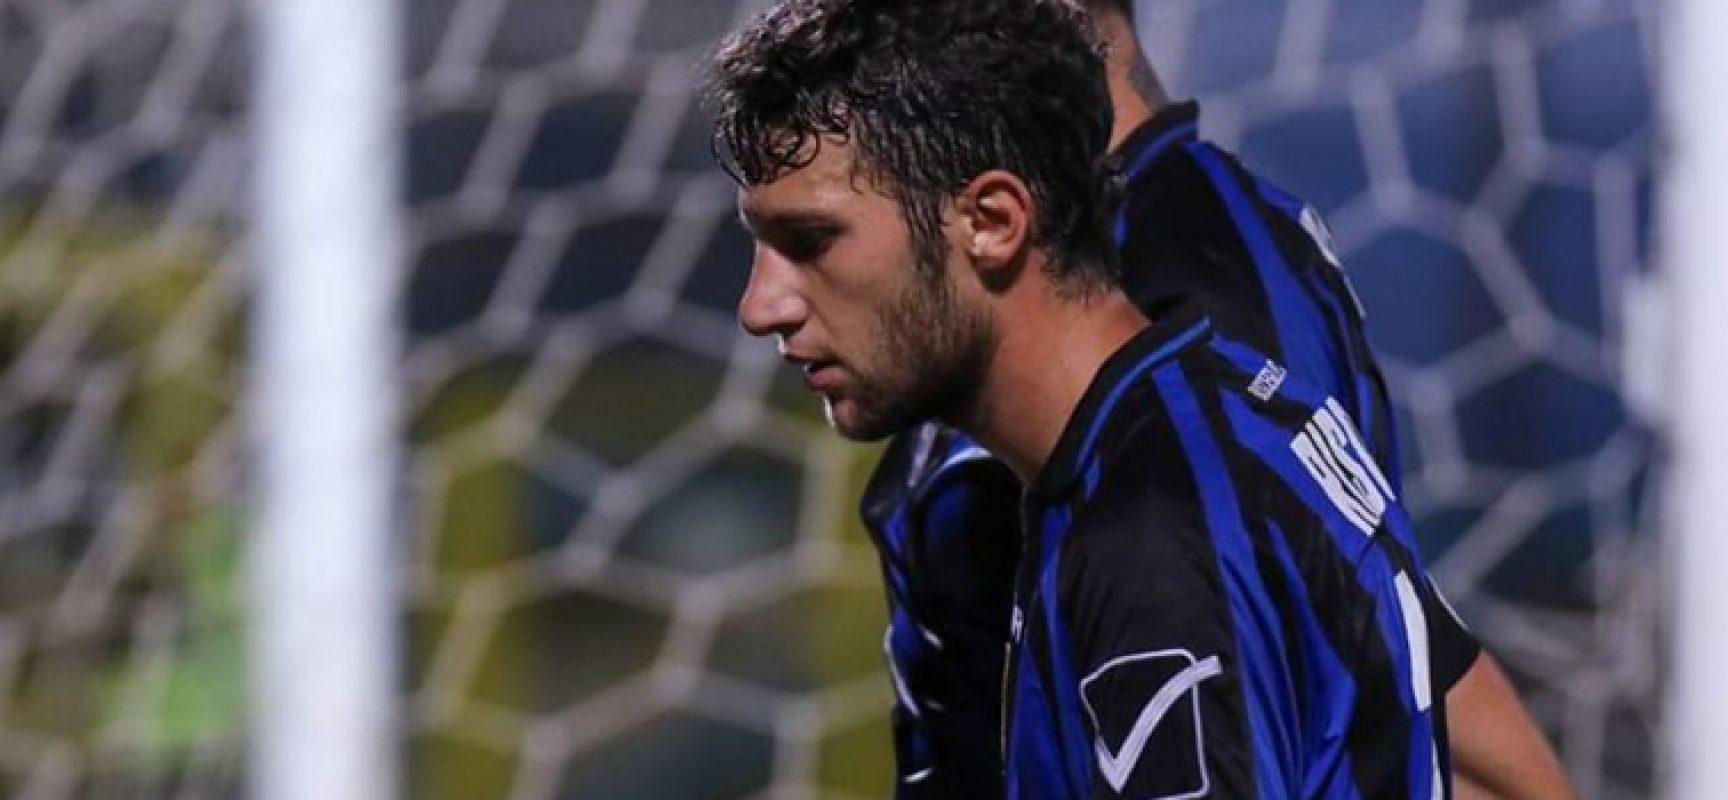 Dopo una settimana difficile il Bisceglie Calcio attende la corazzata Catania